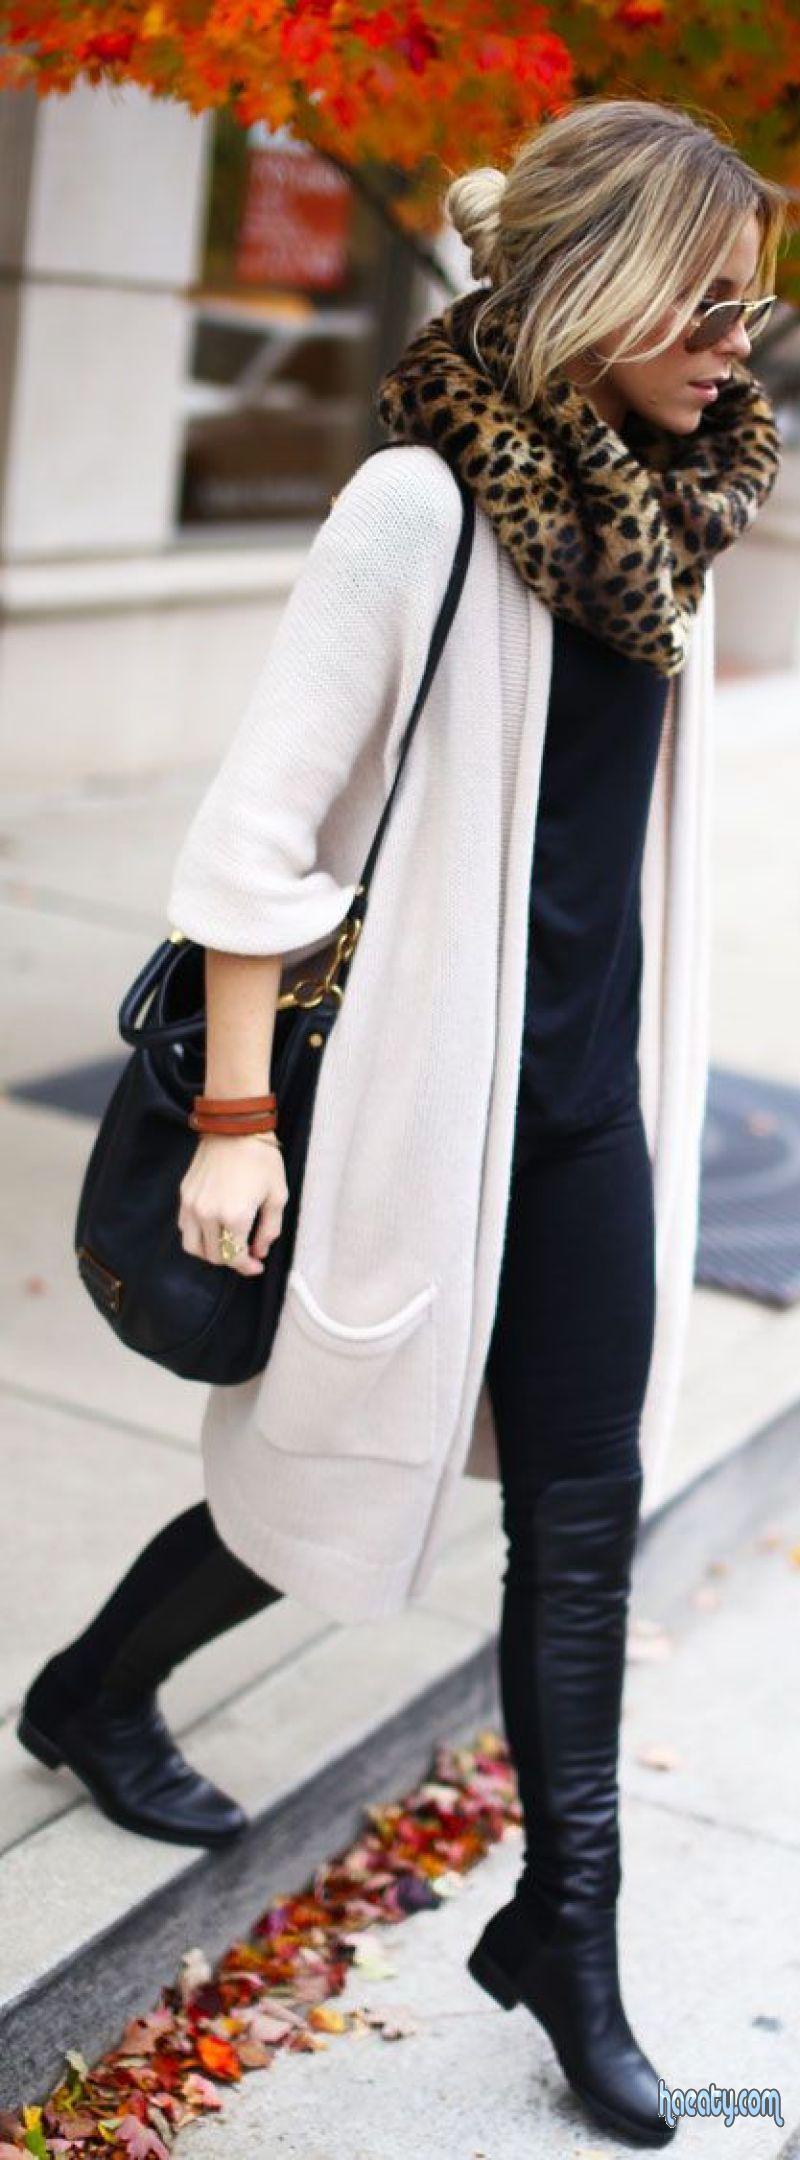 2018 Models winter clothes 146991514676.jpg